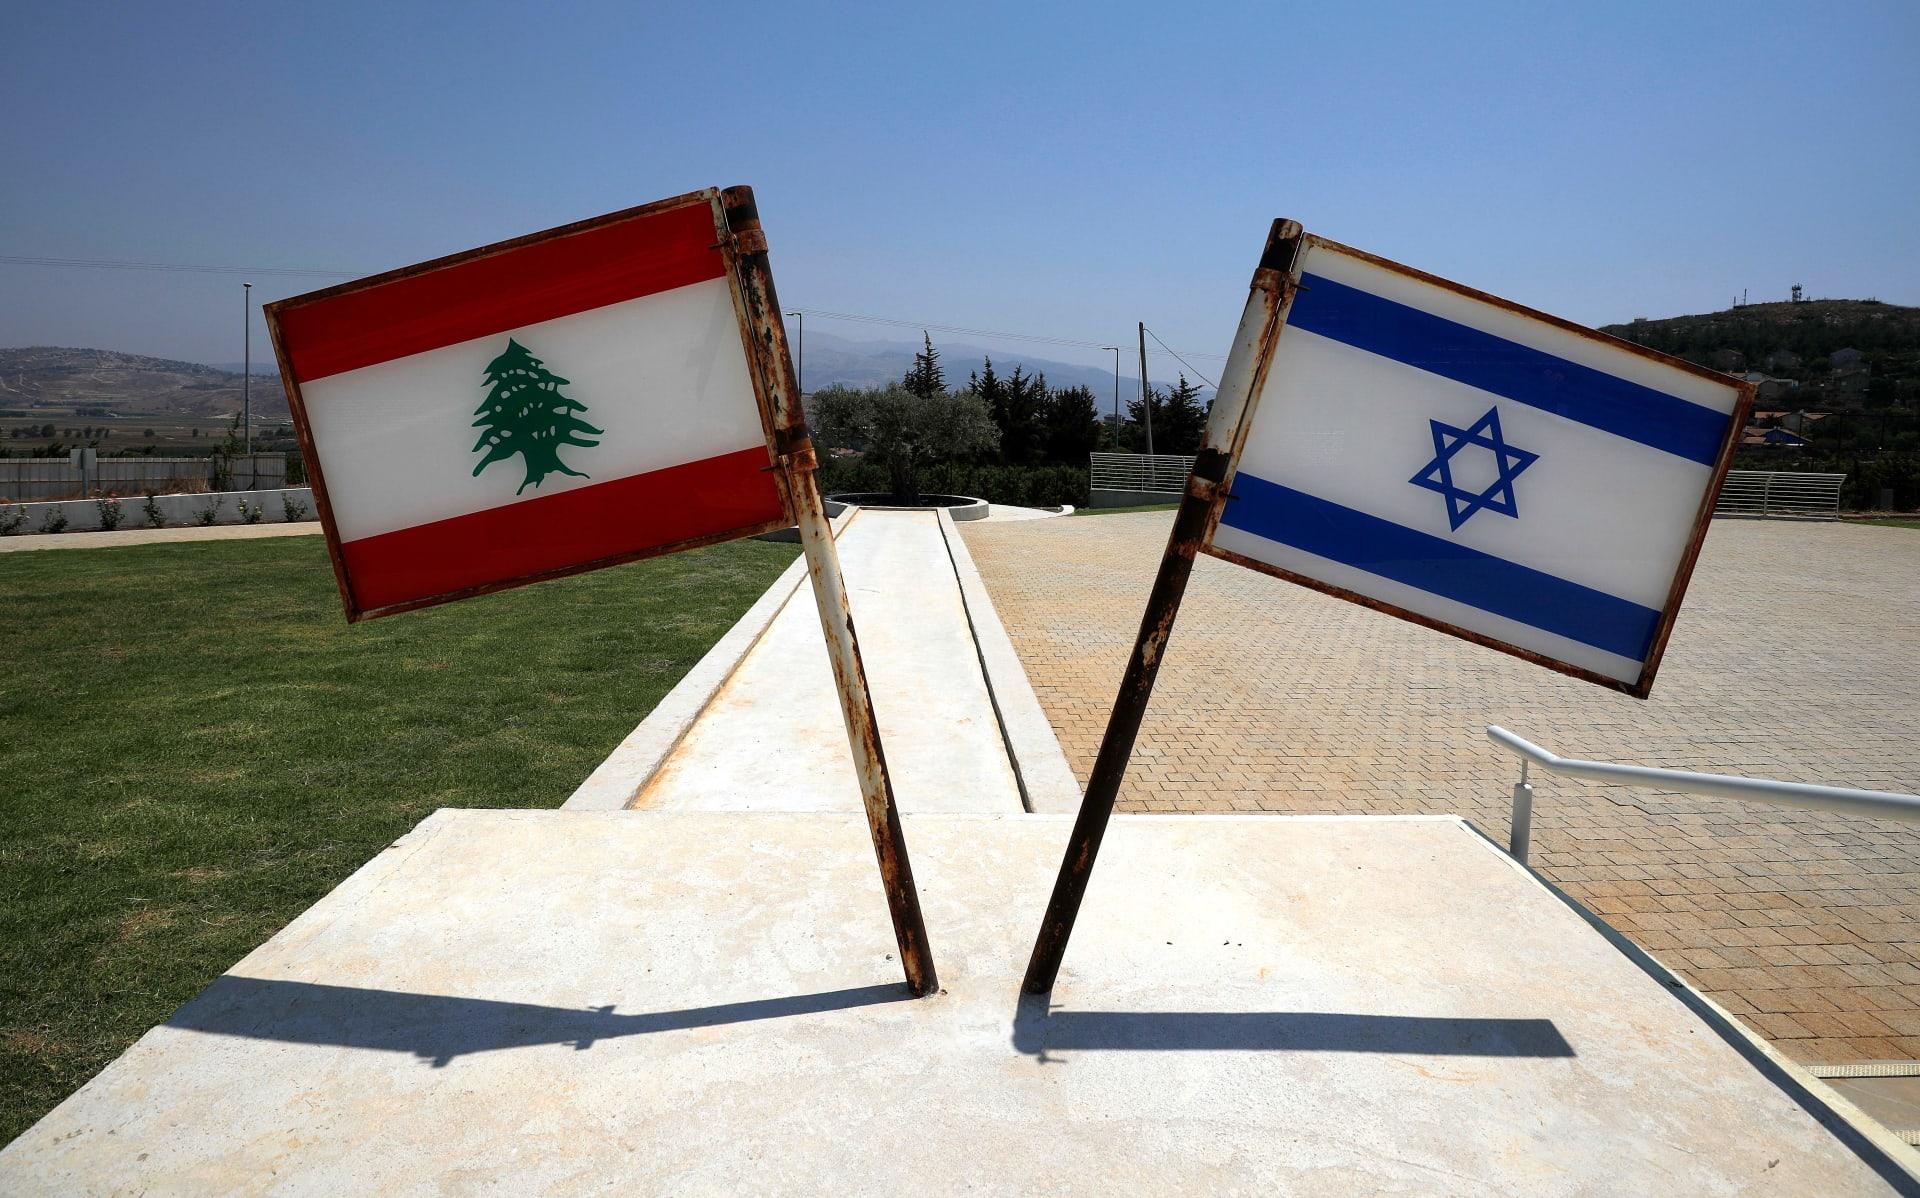 صورة من بلدة شمال إسرائيل بالقرب من الحدود مع لبنان